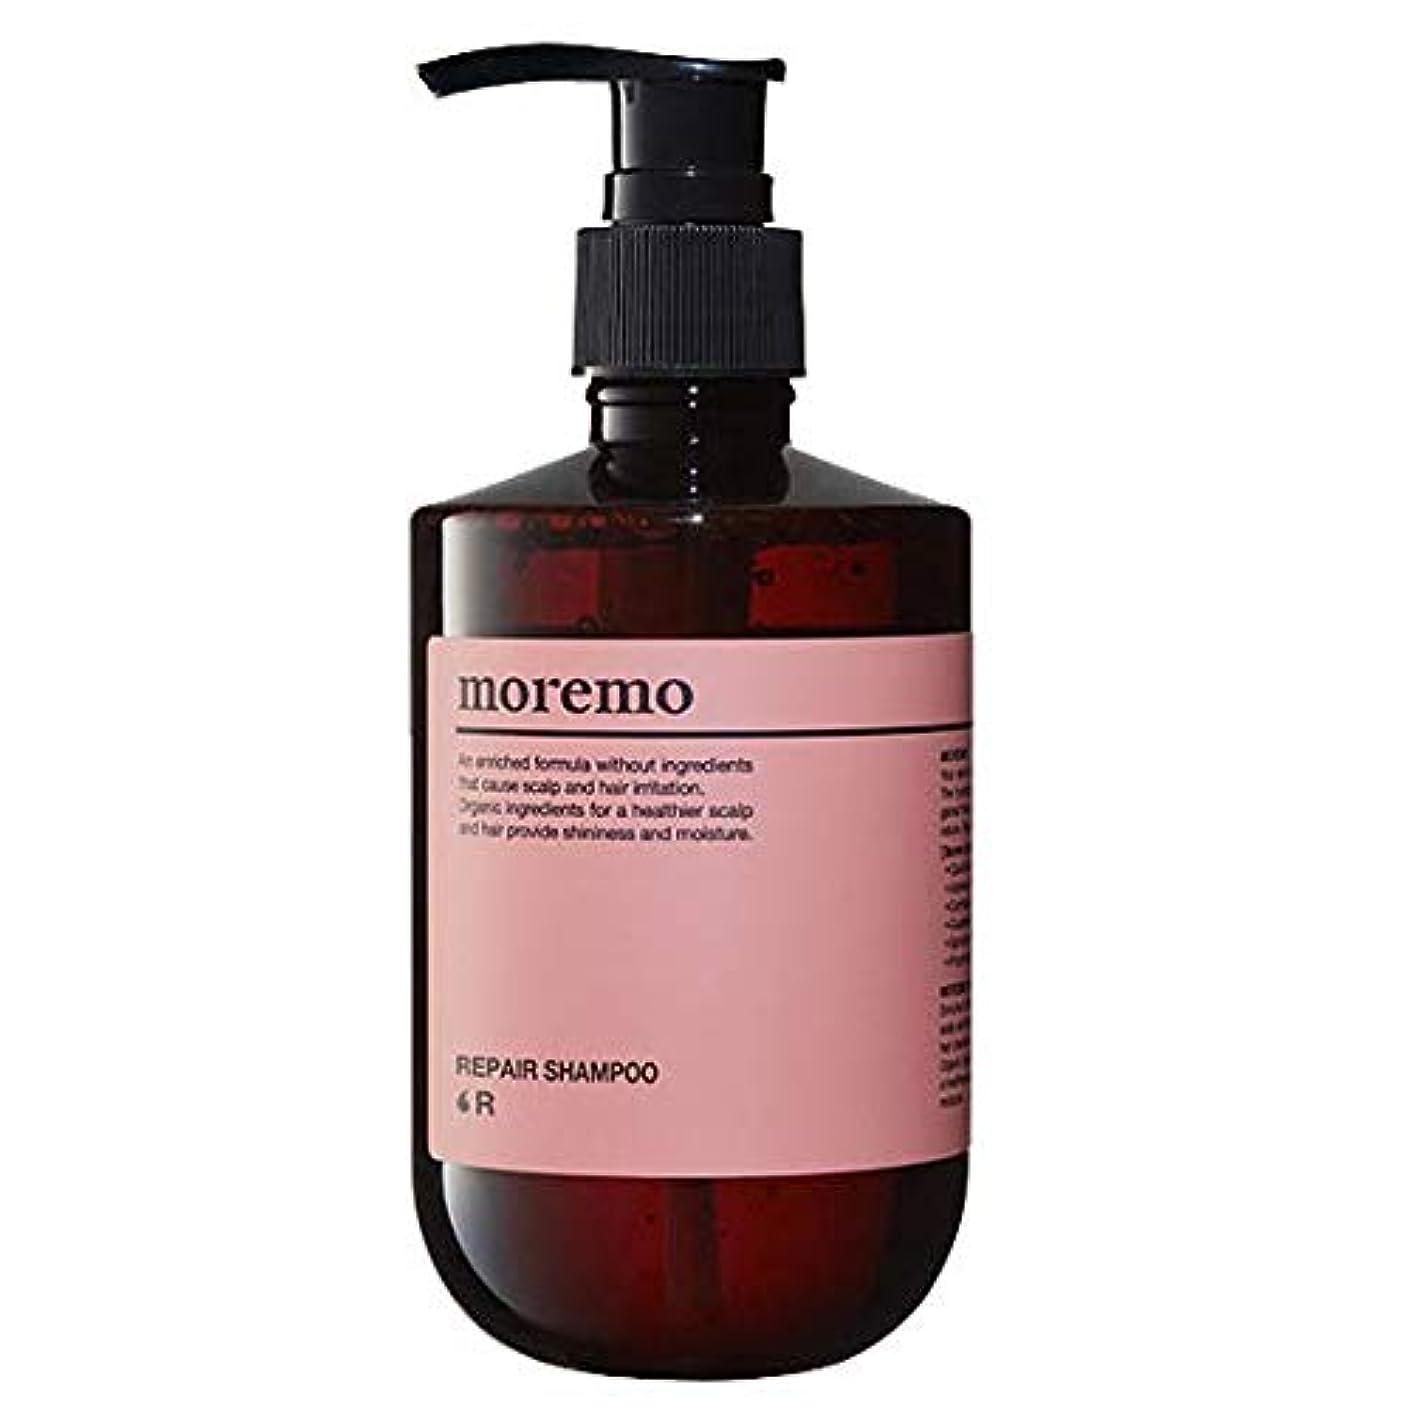 今まで縫う延期するMoremo Repair Shampoo モレモ リペア シャンプー R 300ml [並行輸入品]